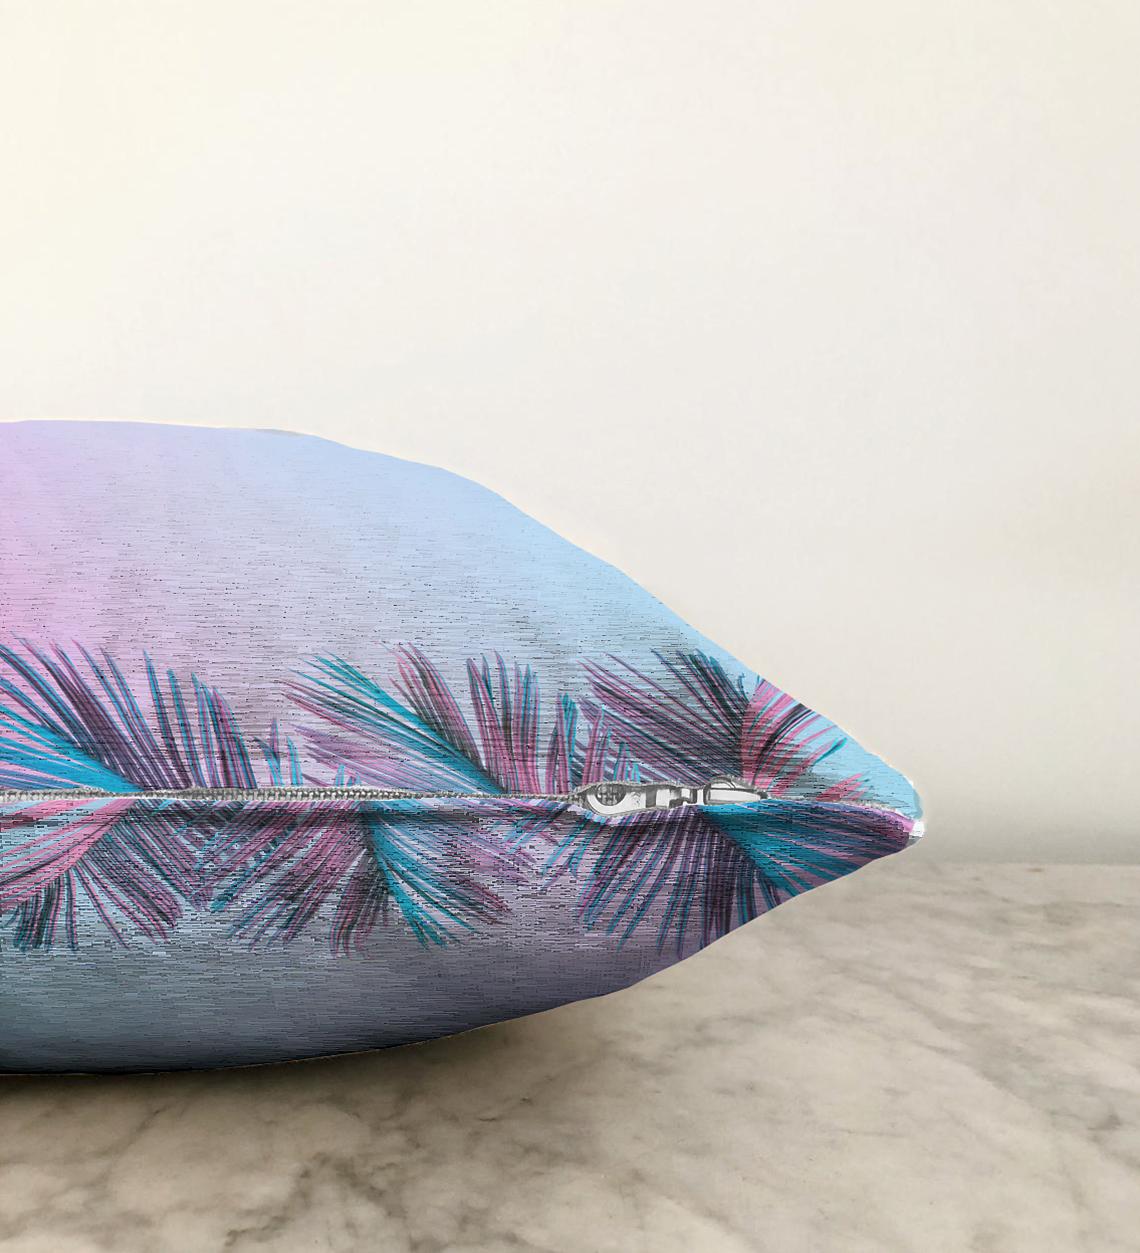 Büyüleyici Renklerde Tropikal Yaprak Motifli Çift Taraflı Özel Tasarım Modern Şönil Kırlent Kılıfı - 55 x 55 cm Realhomes